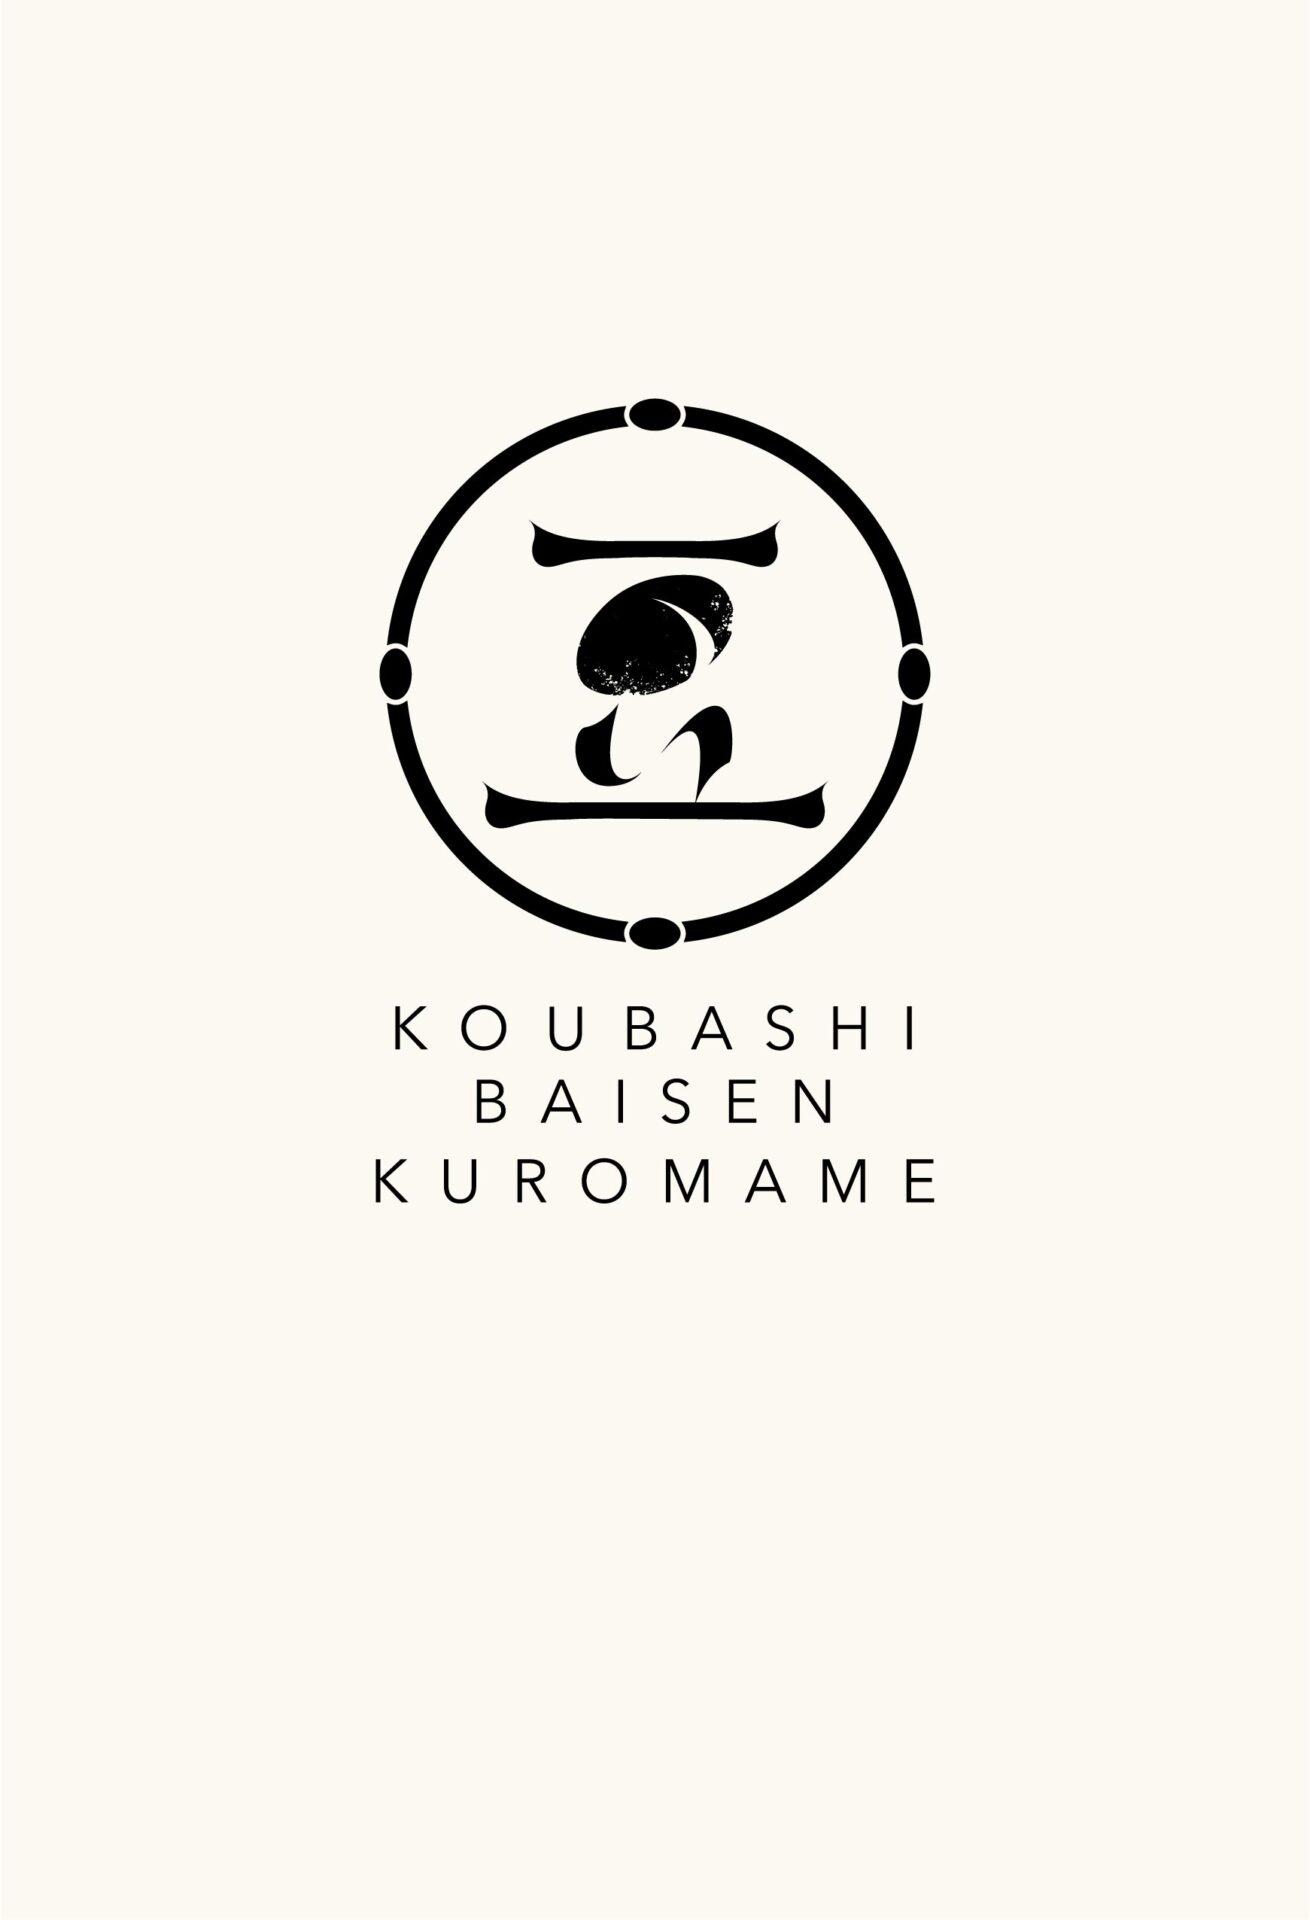 「KURODAMARU」の実績画像